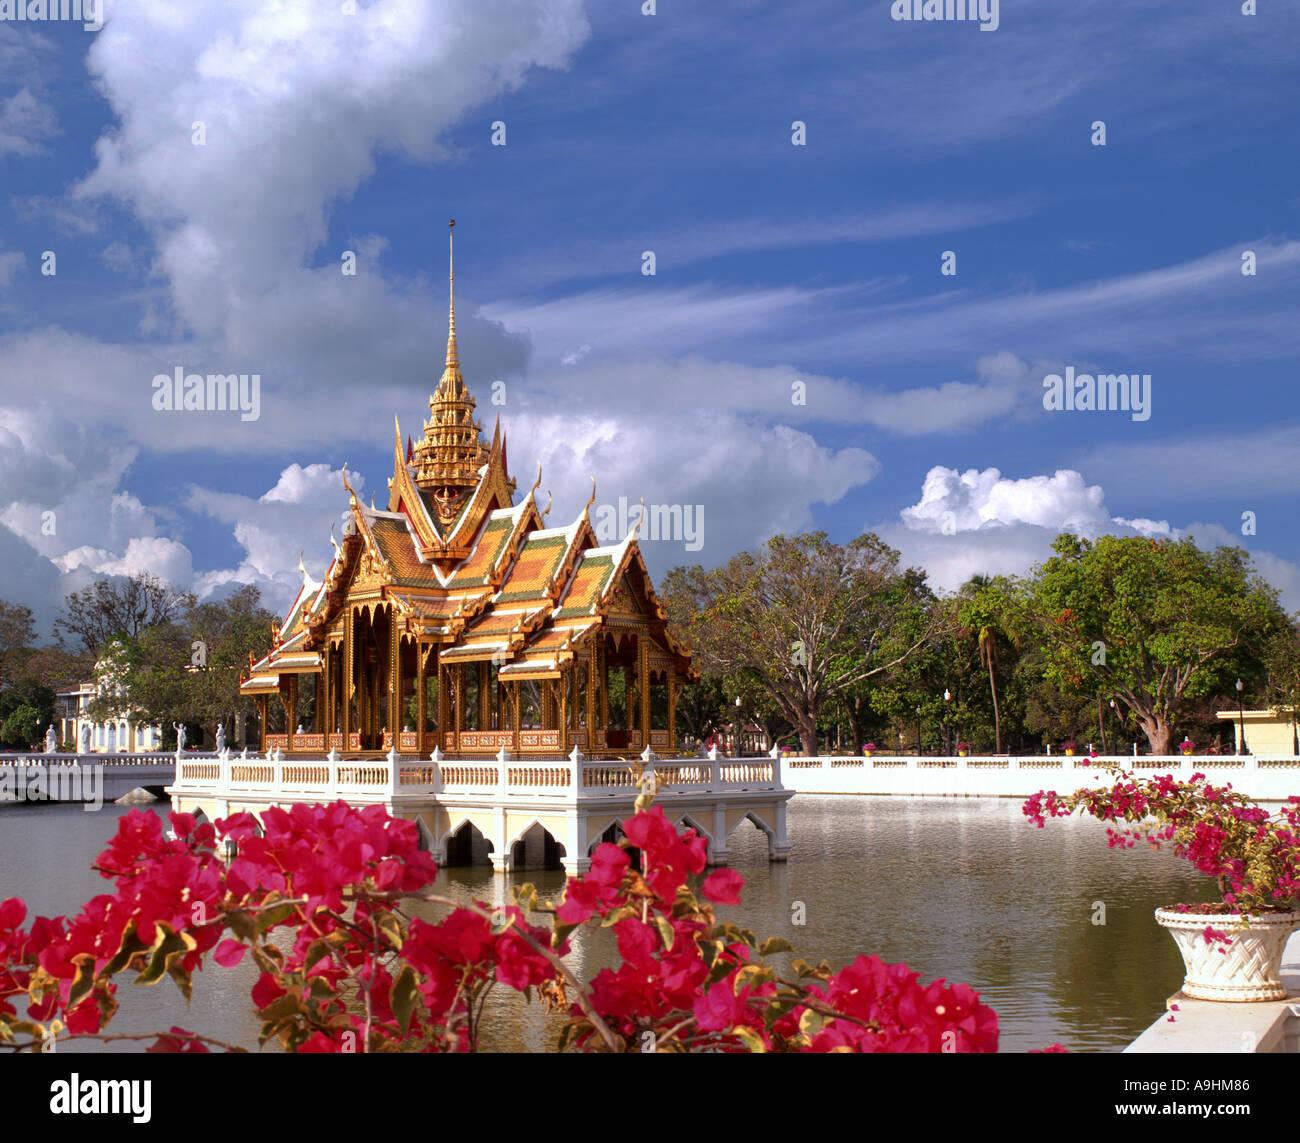 TH - AYUTTHAYA: The Royal Gardens at Bang Pa In Palace - Stock Image